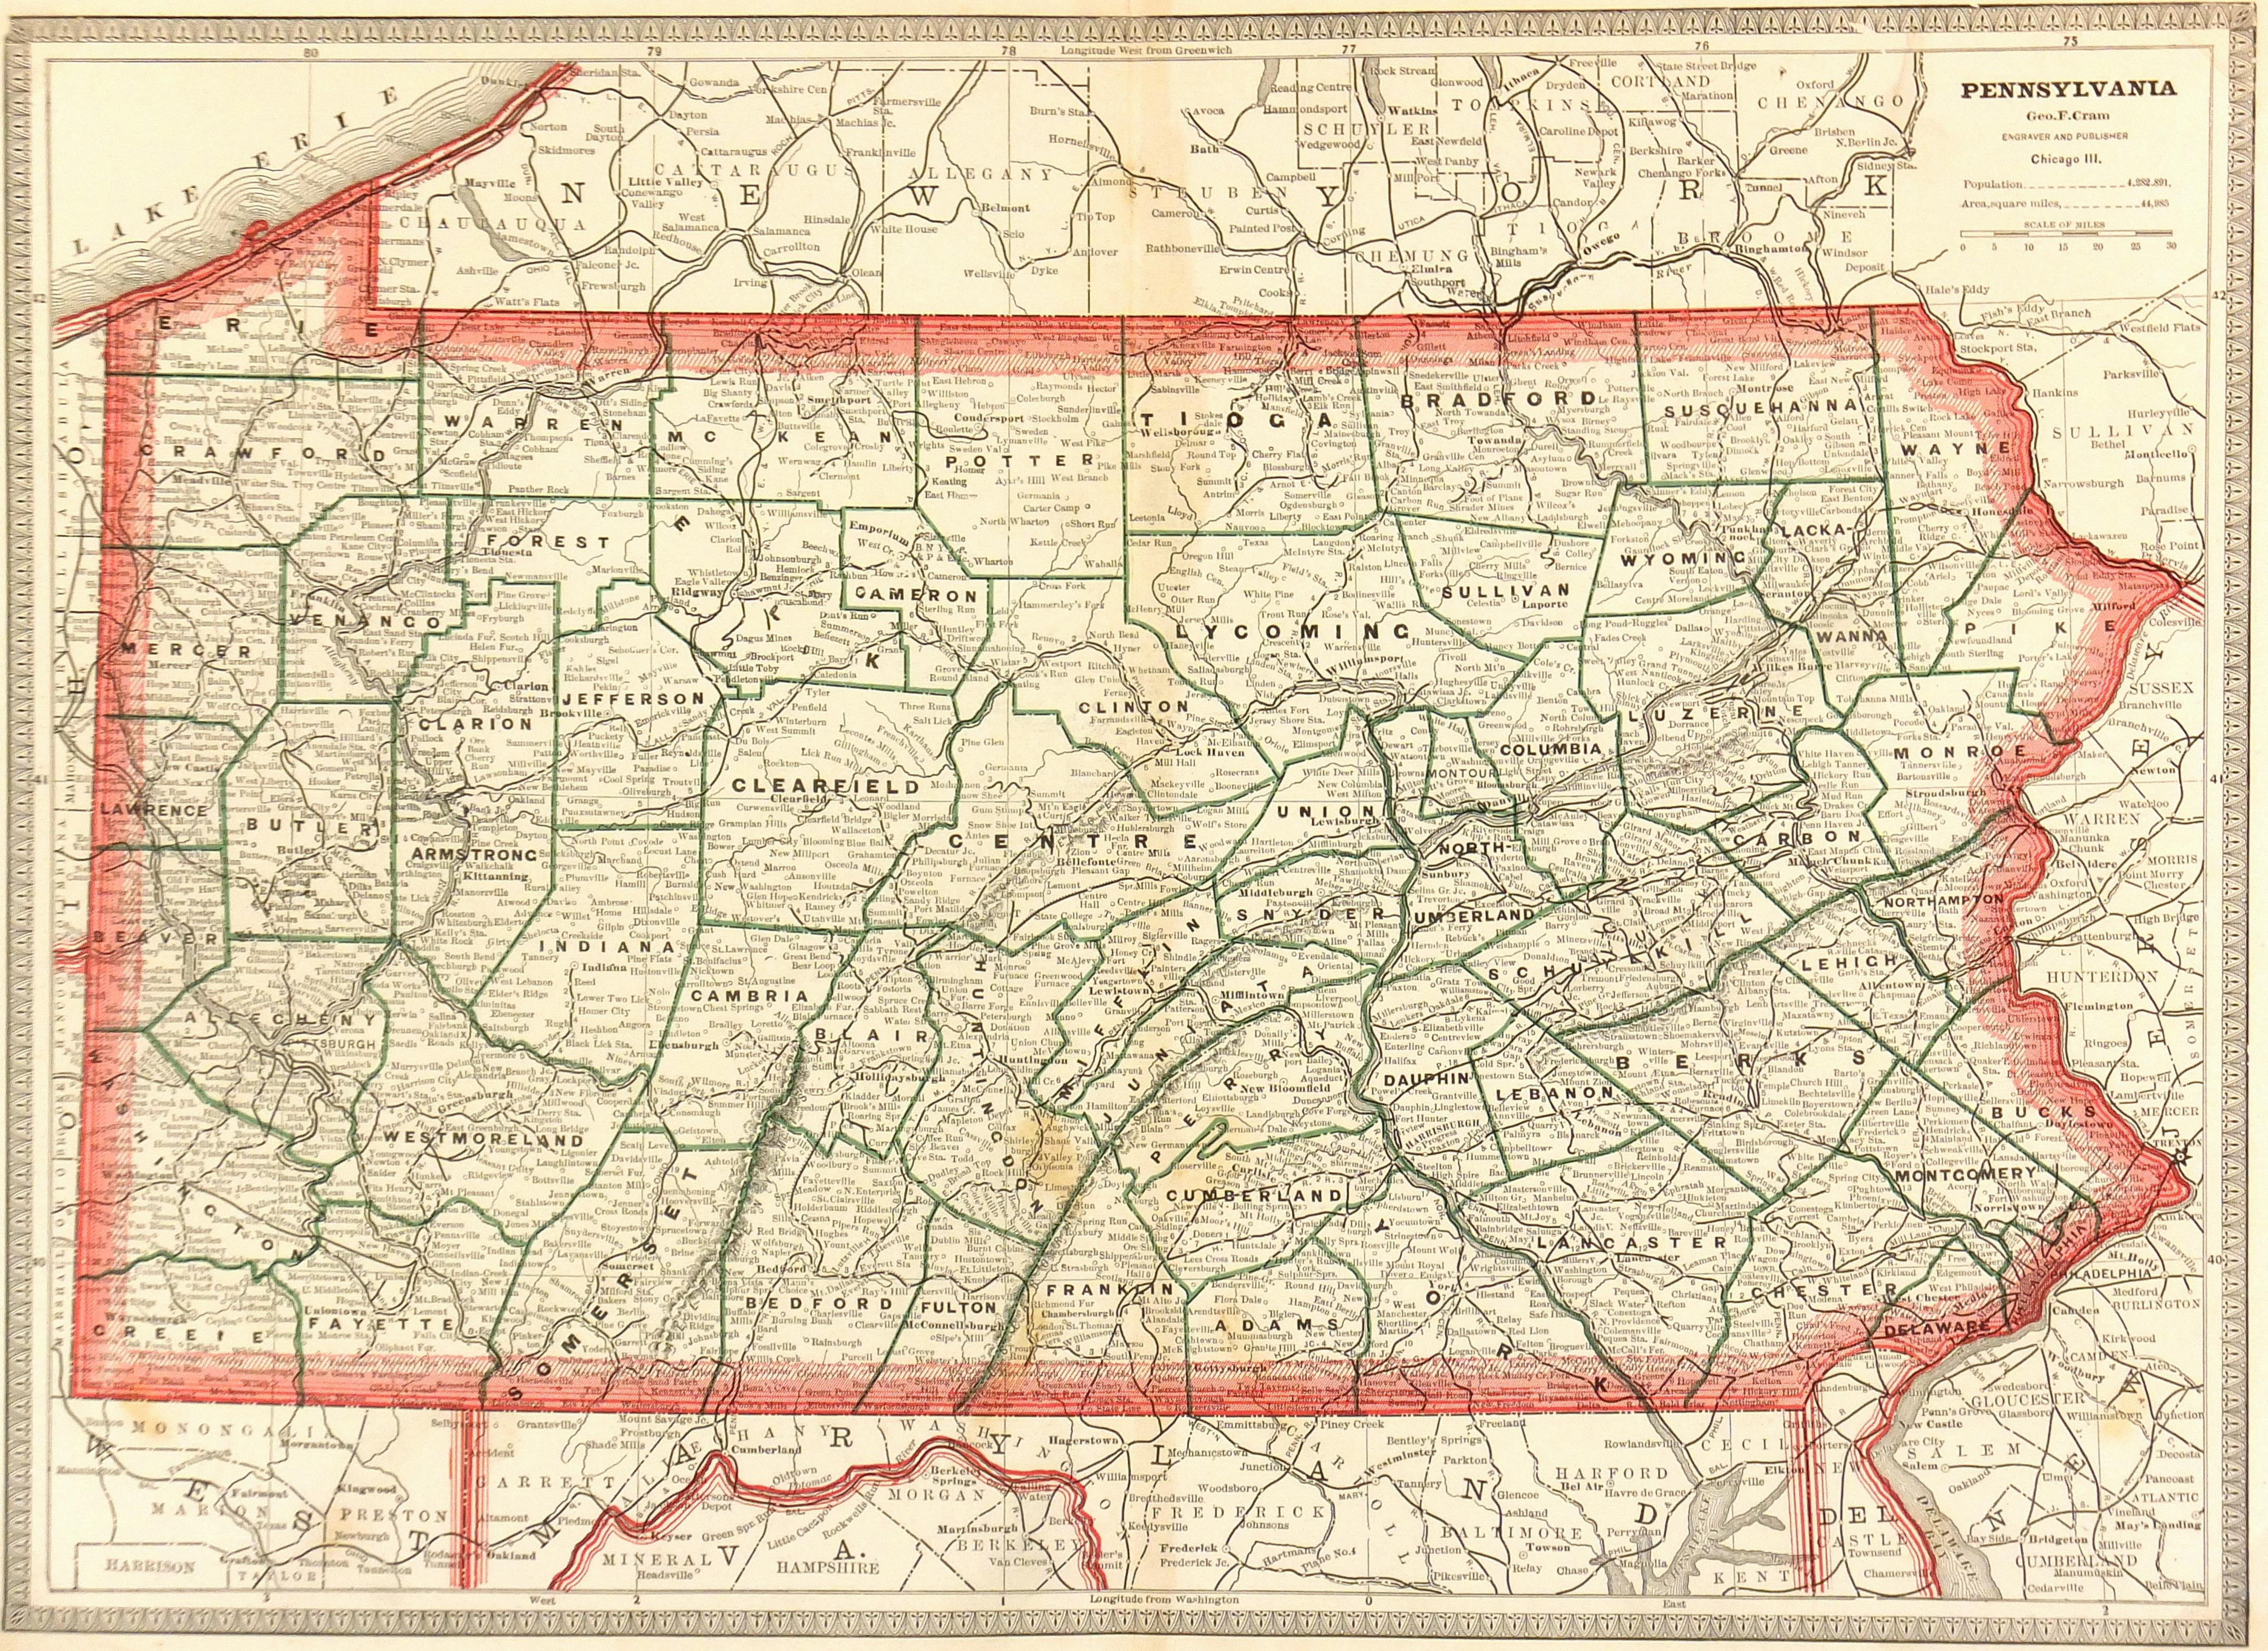 Pennsylvania Map, 1890-main-6483K